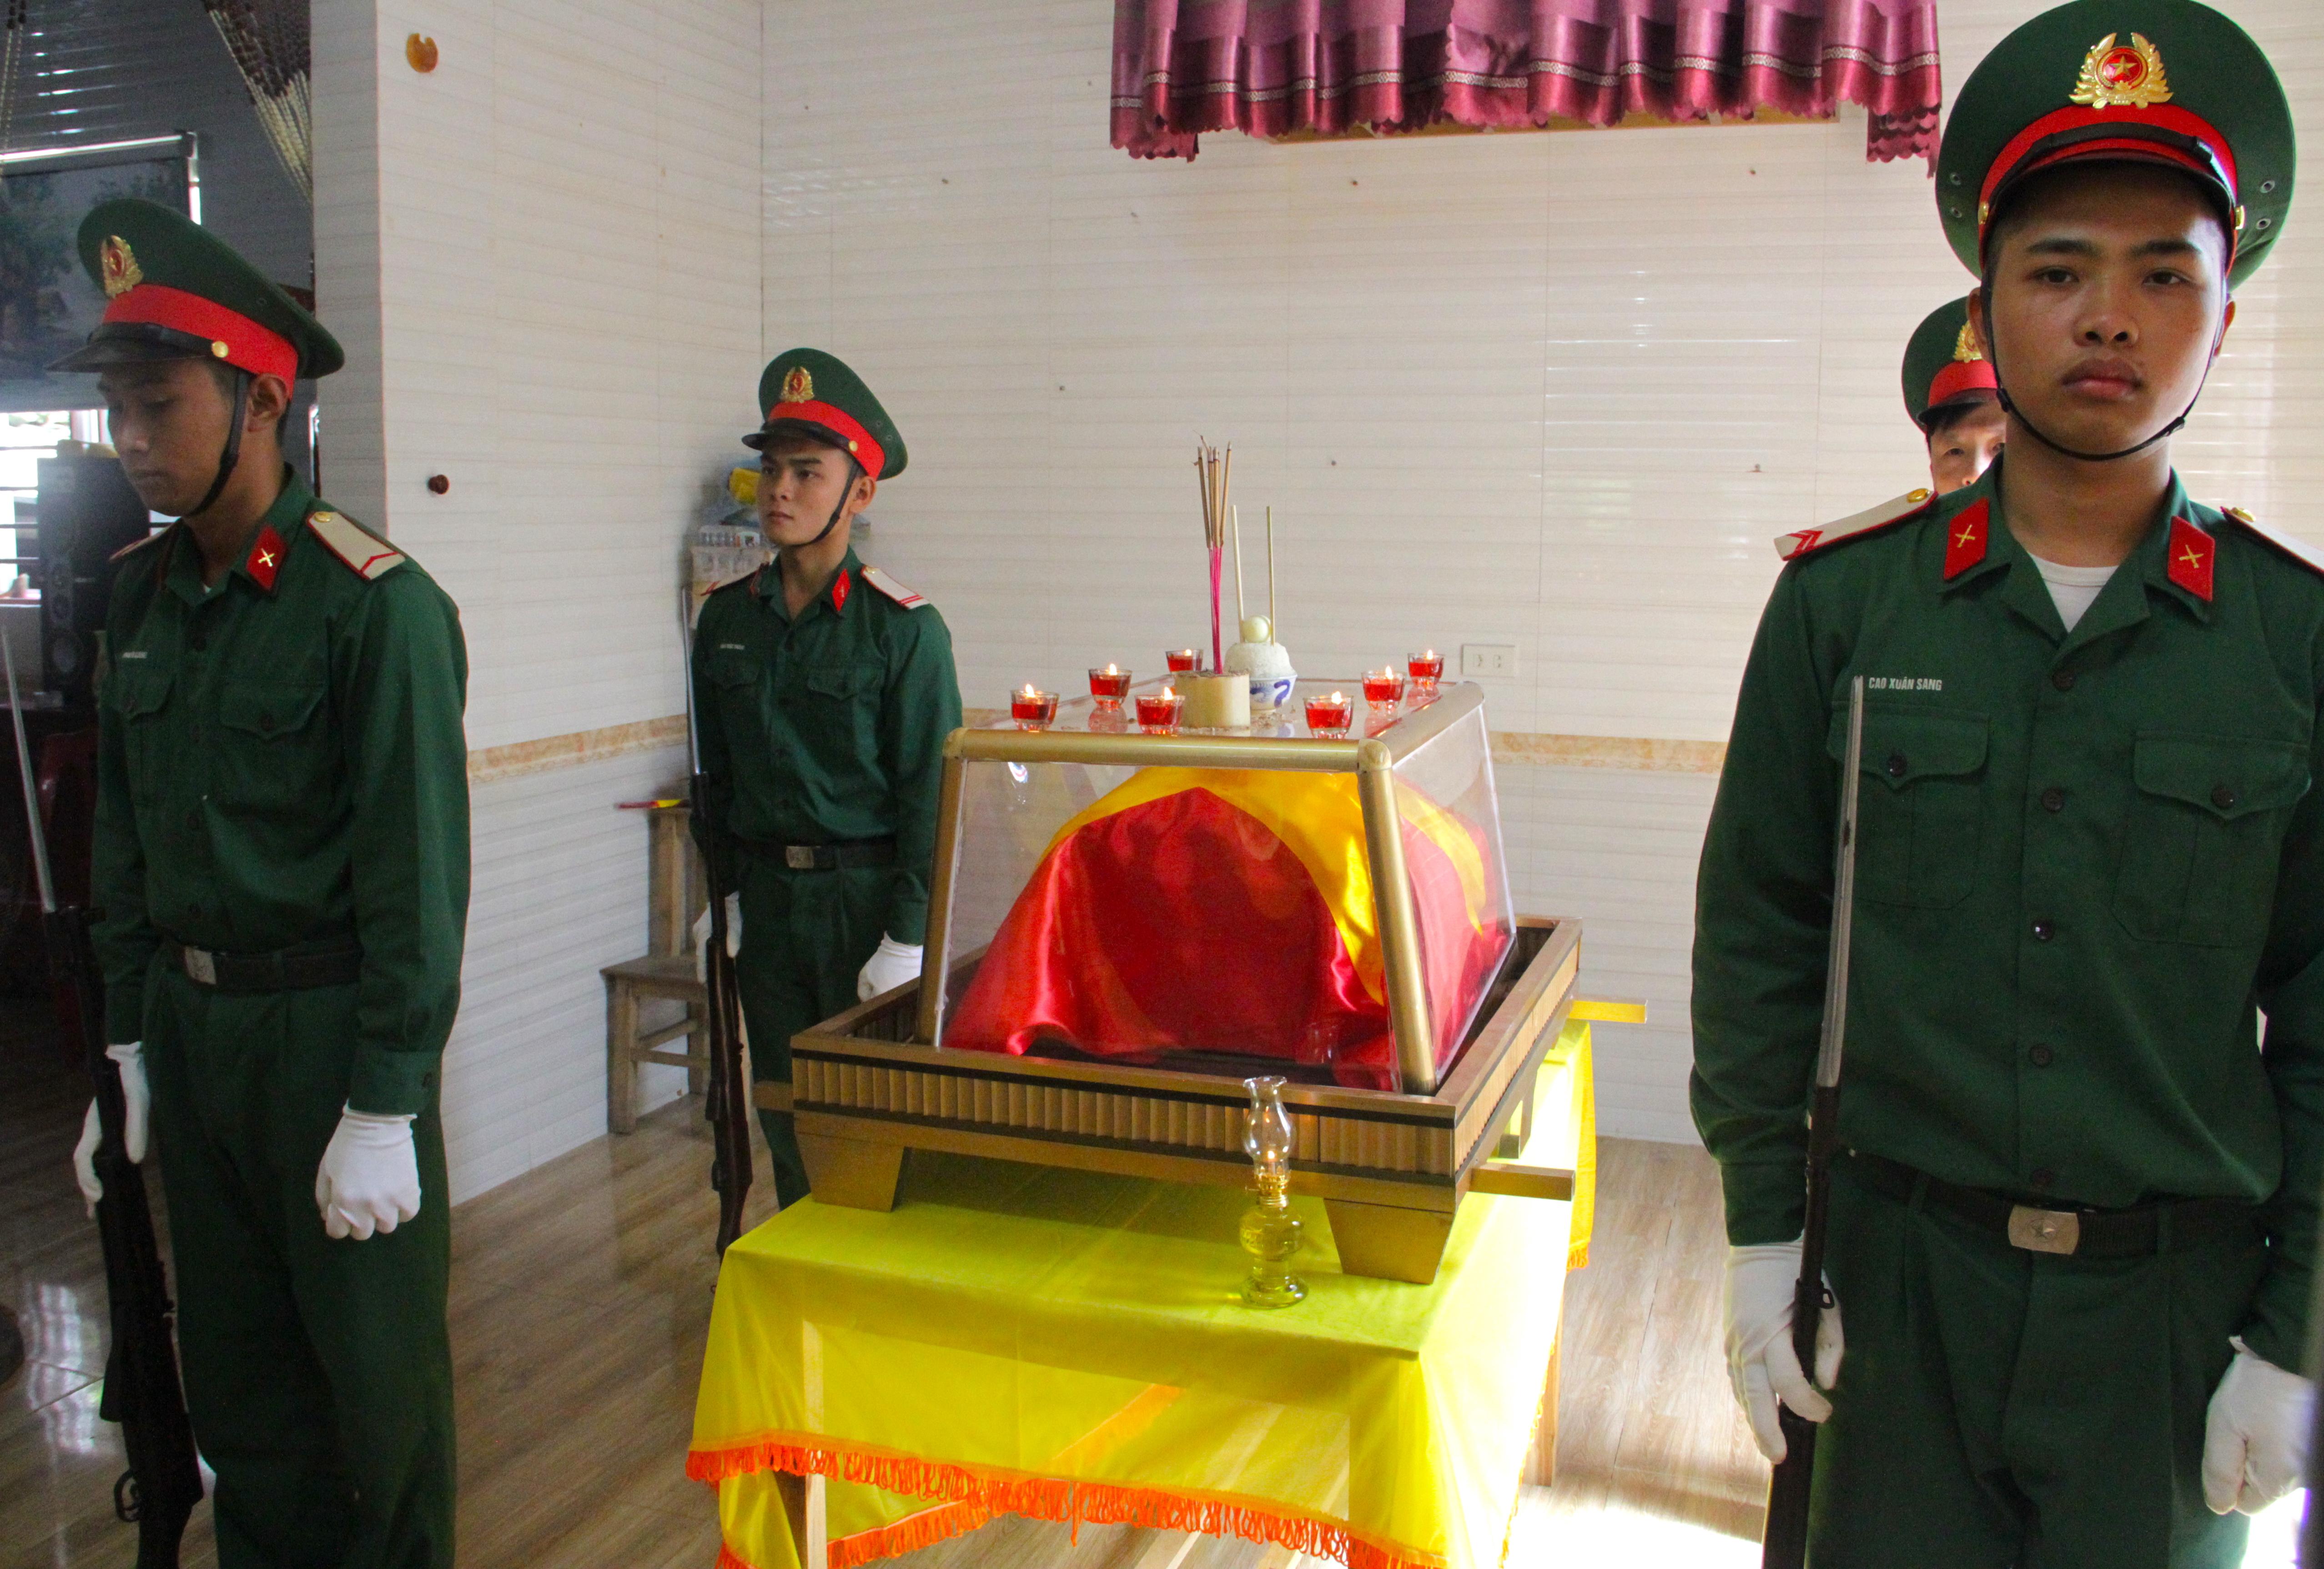 Nước mắt tiễn biệt liệt sỹ Đoàn 337 bị vùi lấp ở Quảng Trị: Nào ngờ con đi không về nữa - Ảnh 4.